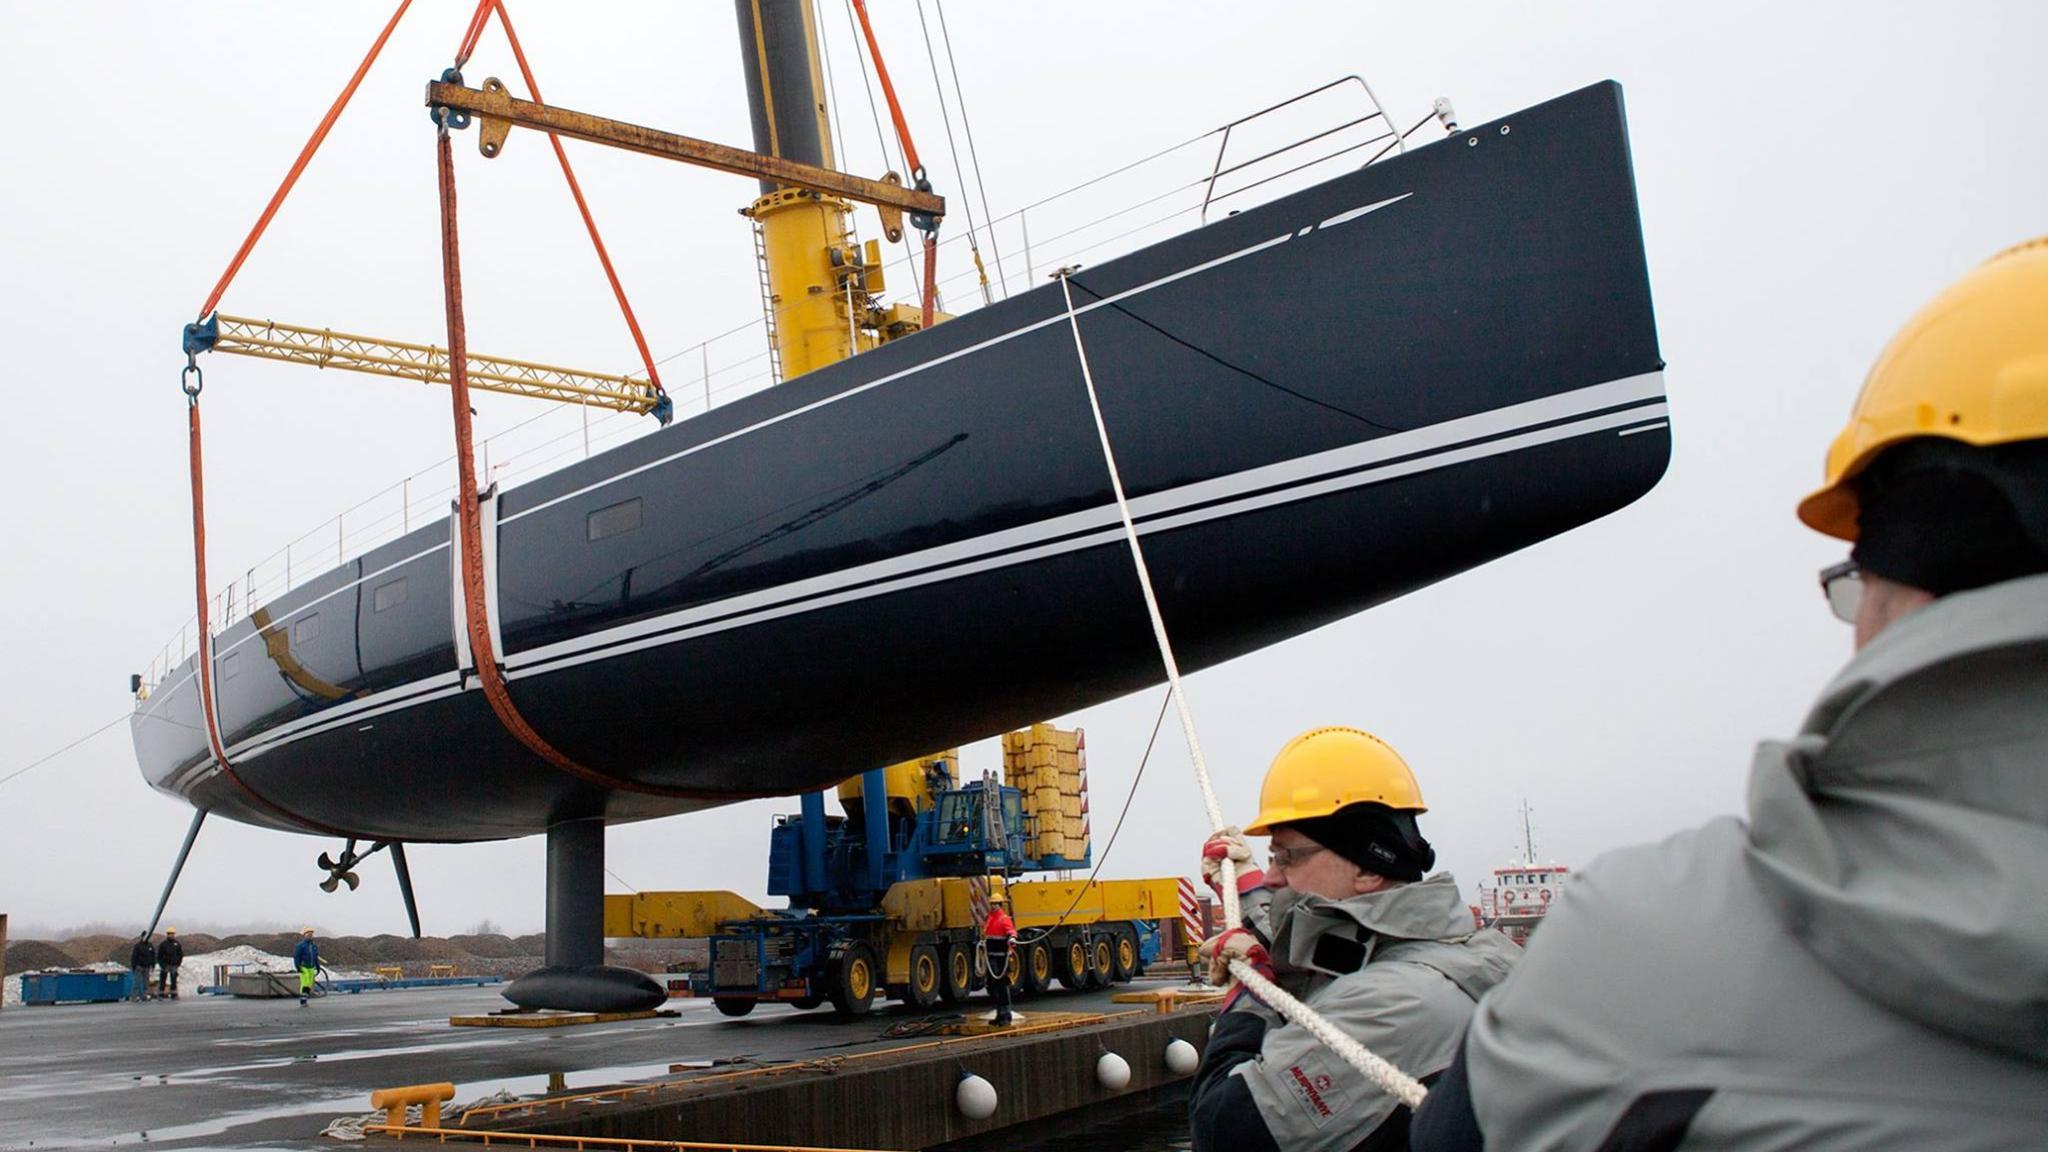 shamanna-motor-yacht-nautors-swan-115-fb-2016-35m-shipyard-profile-hull